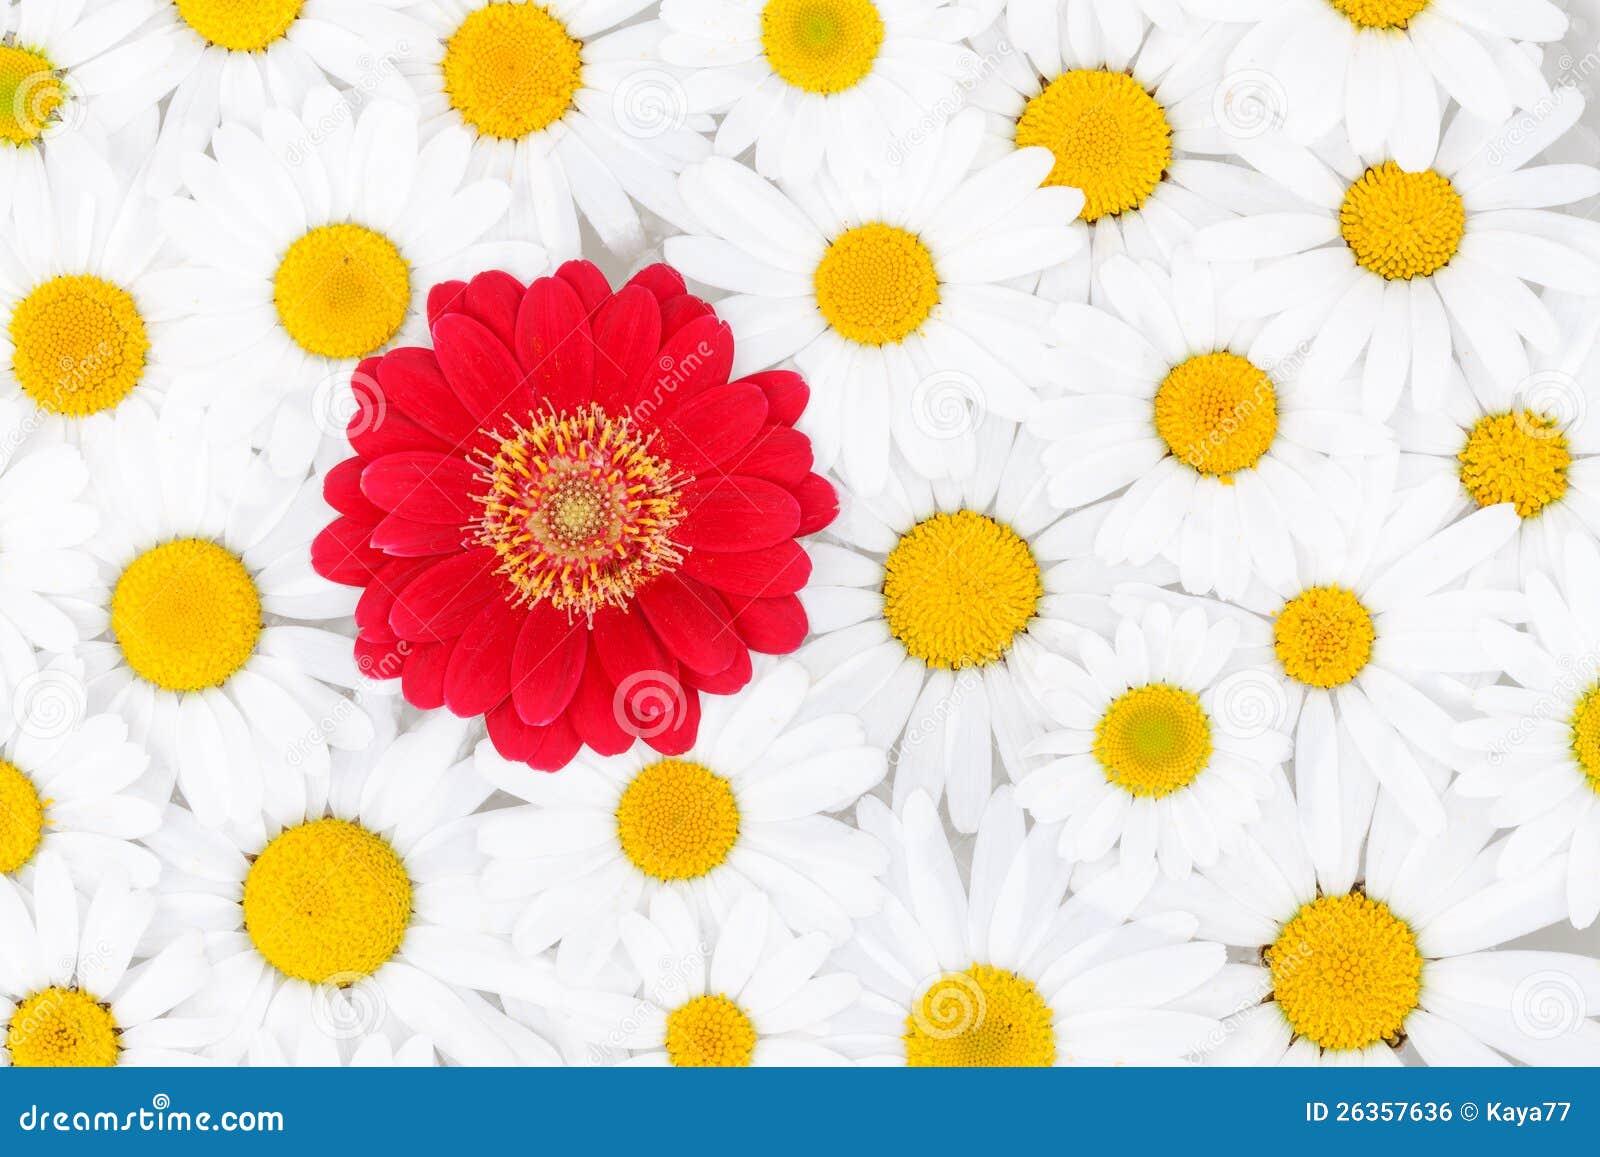 Hintergrund der Gänseblümchen mit rotem Gerbera